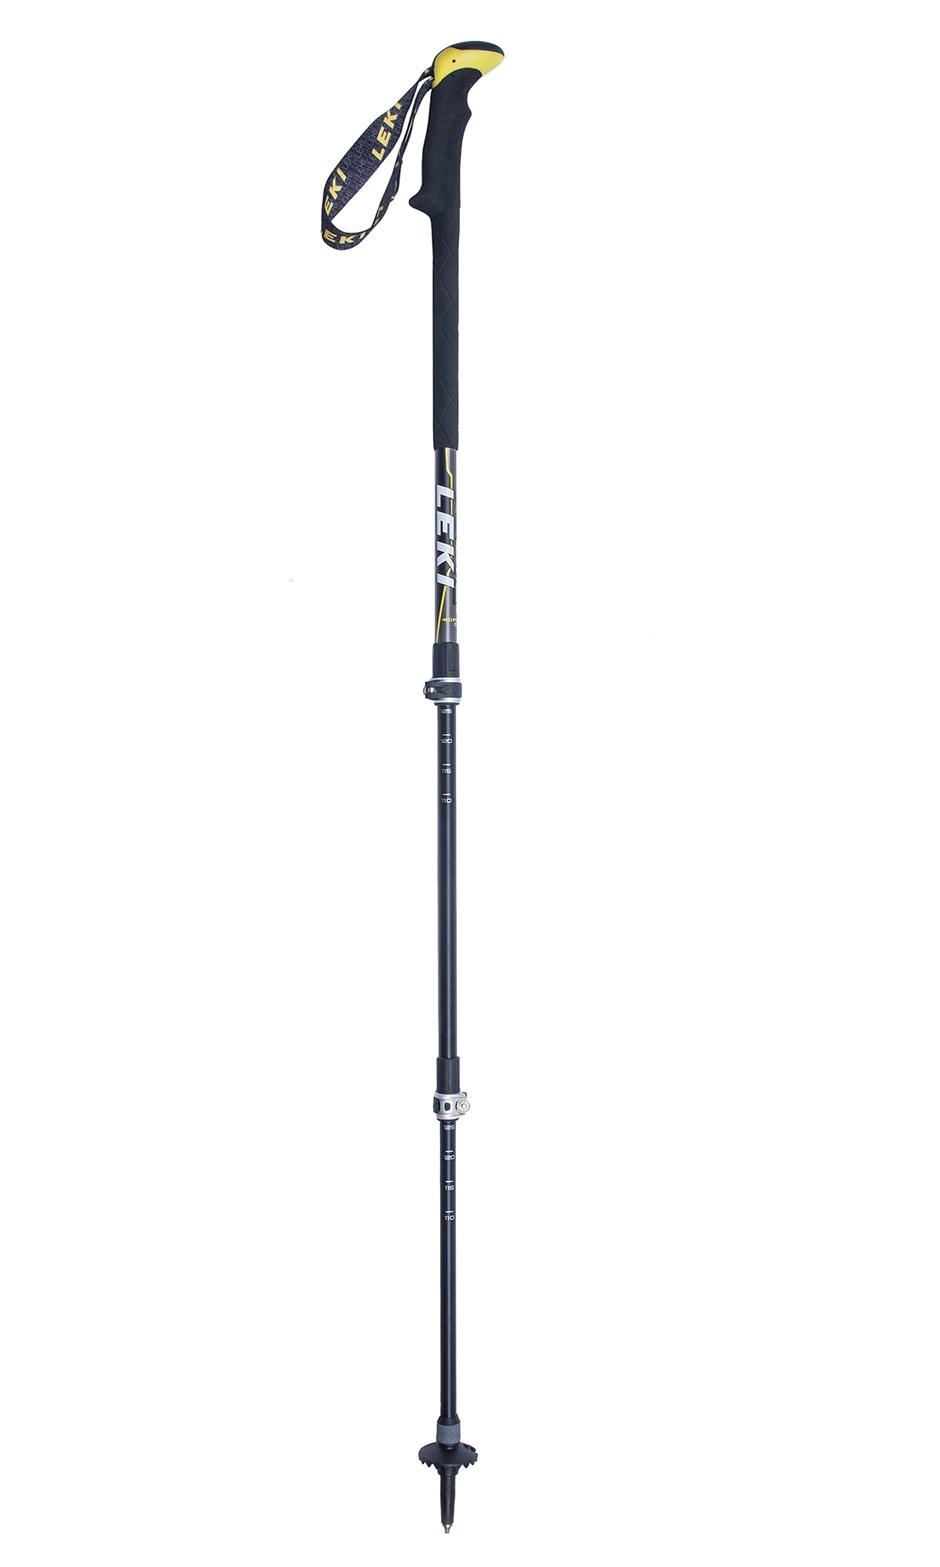 Leki Sherpa XL AS